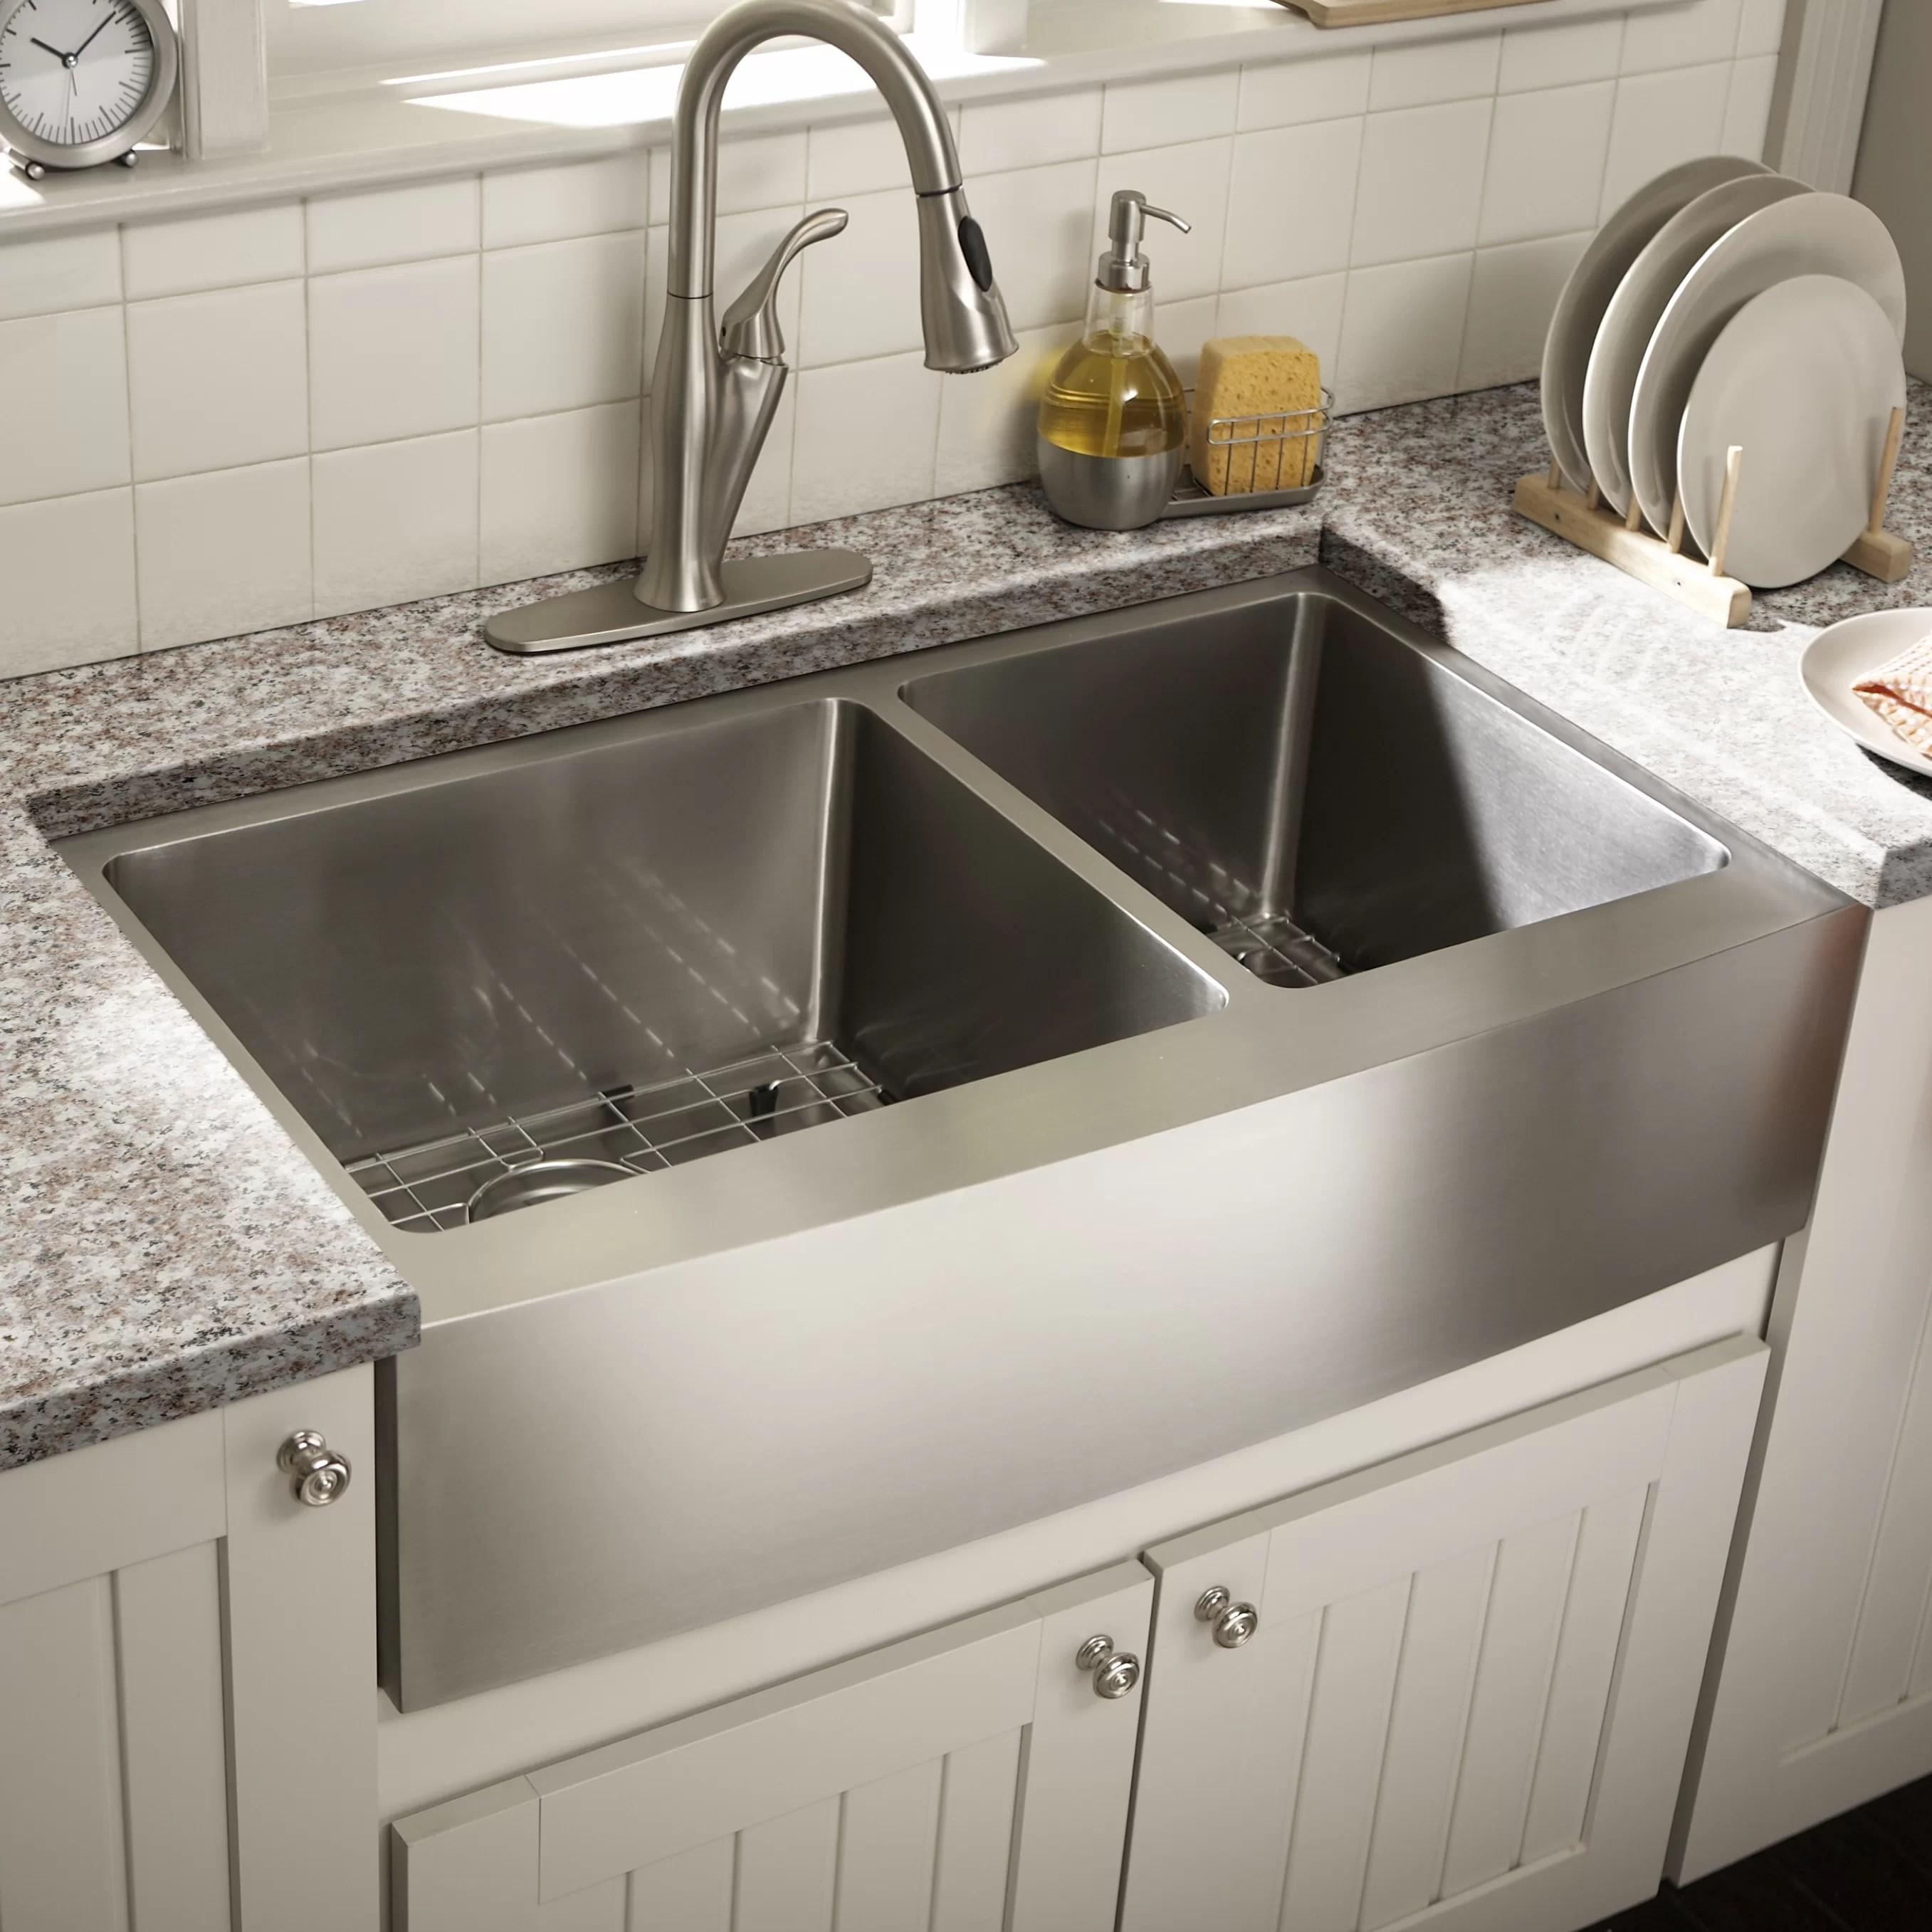 schon farmhouse 36 x 21 25 undermount double bowl on kitchens with farmhouse sinks id=19414